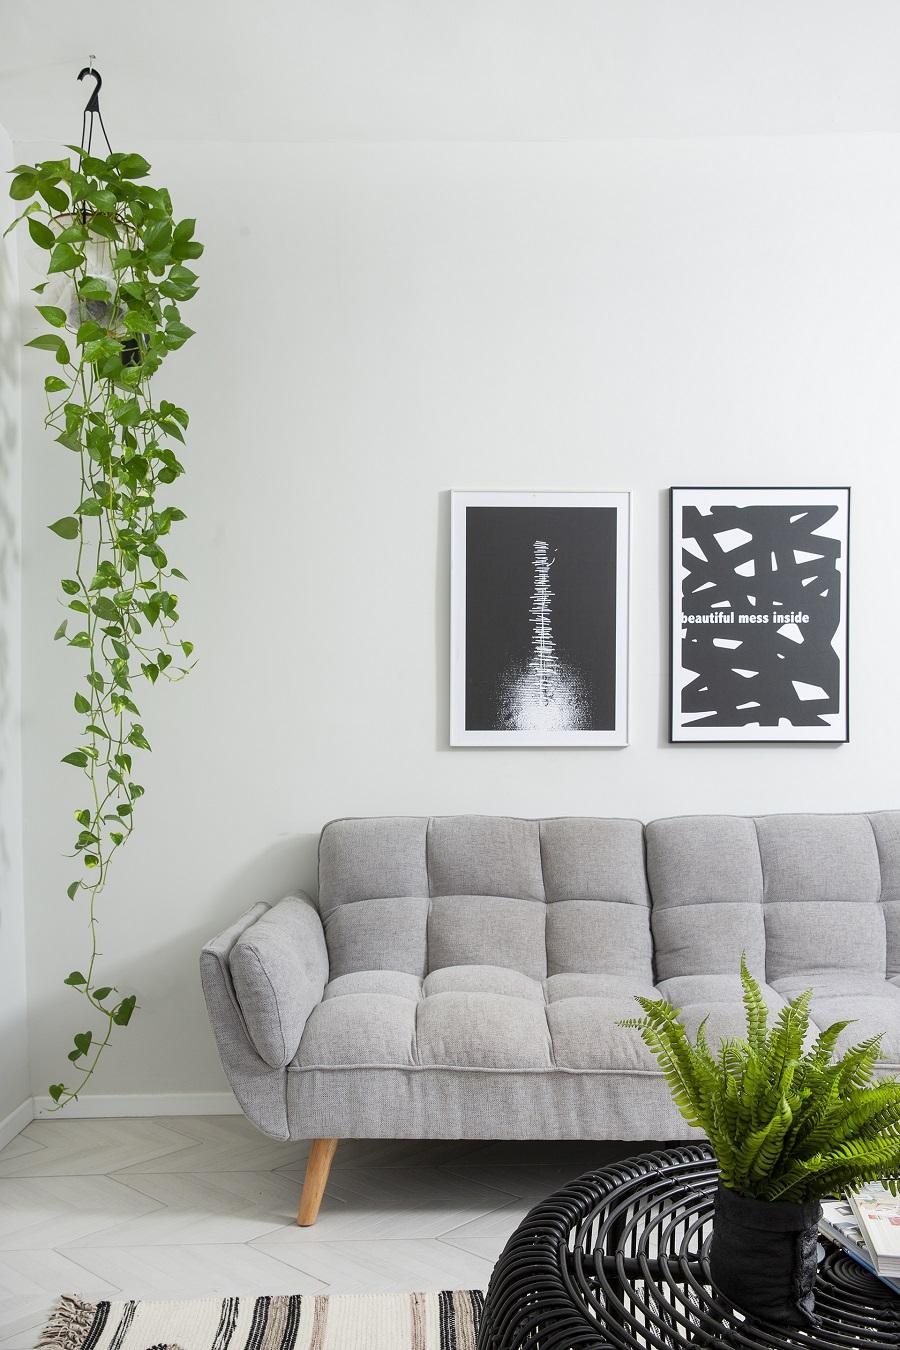 עיצוב בטי יעקובסון | צילום עידן גור